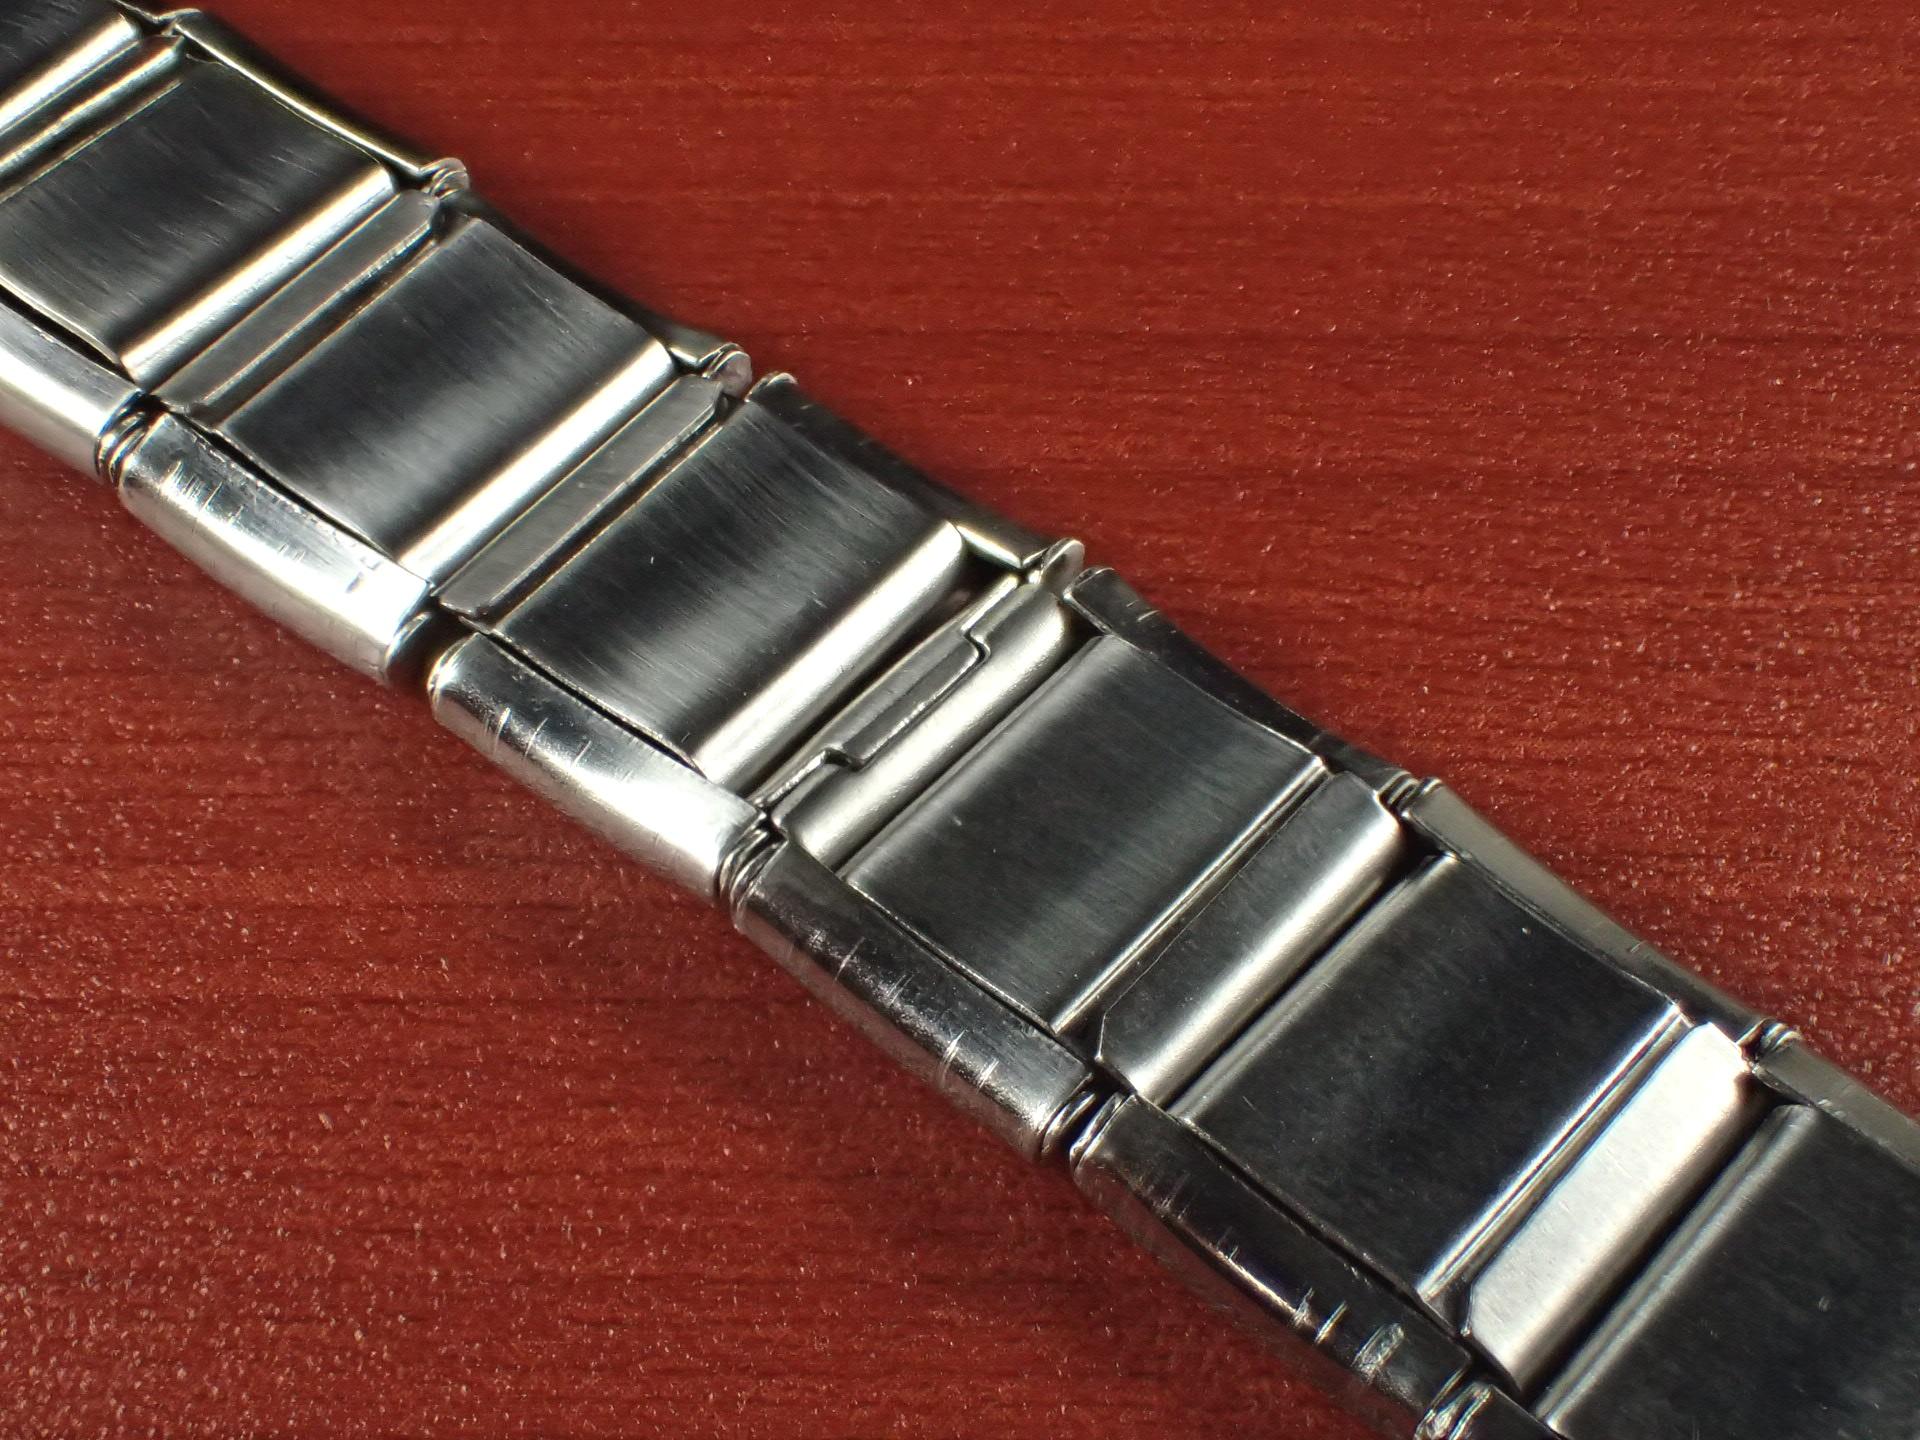 ミドー エクステンションブレスレット NOS 取付幅16mm SS 1950年代の写真5枚目